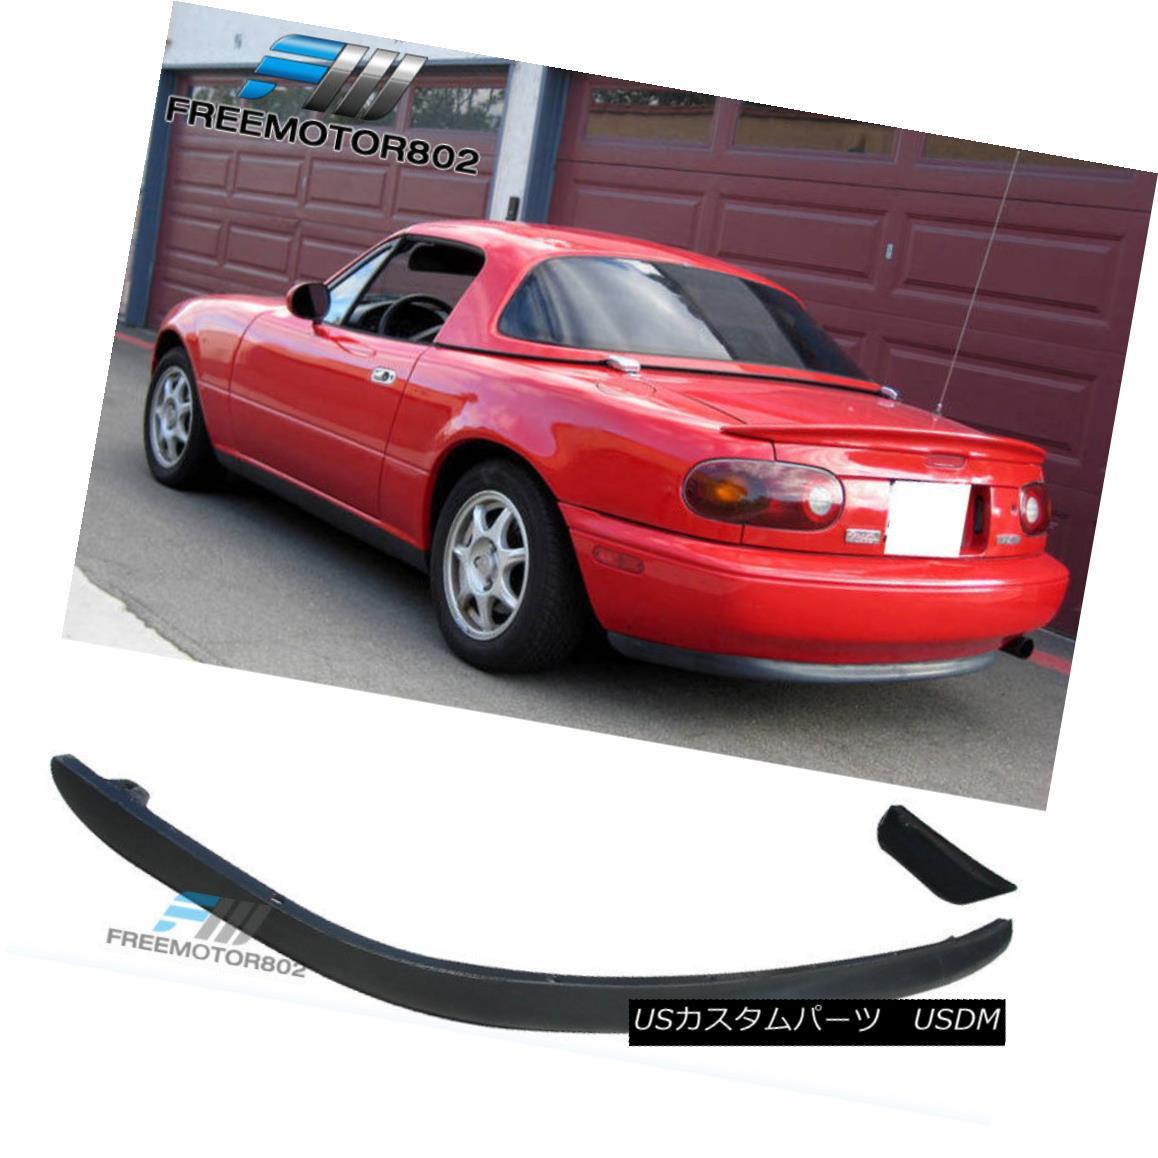 エアロパーツ For 90-97 Mazda Miata MX5 RS Style Rear Bumper Lip Spoiler Kit PU 90-97マツダMiata MX5 RSスタイルリアバンパーリップスポイラーキットPU